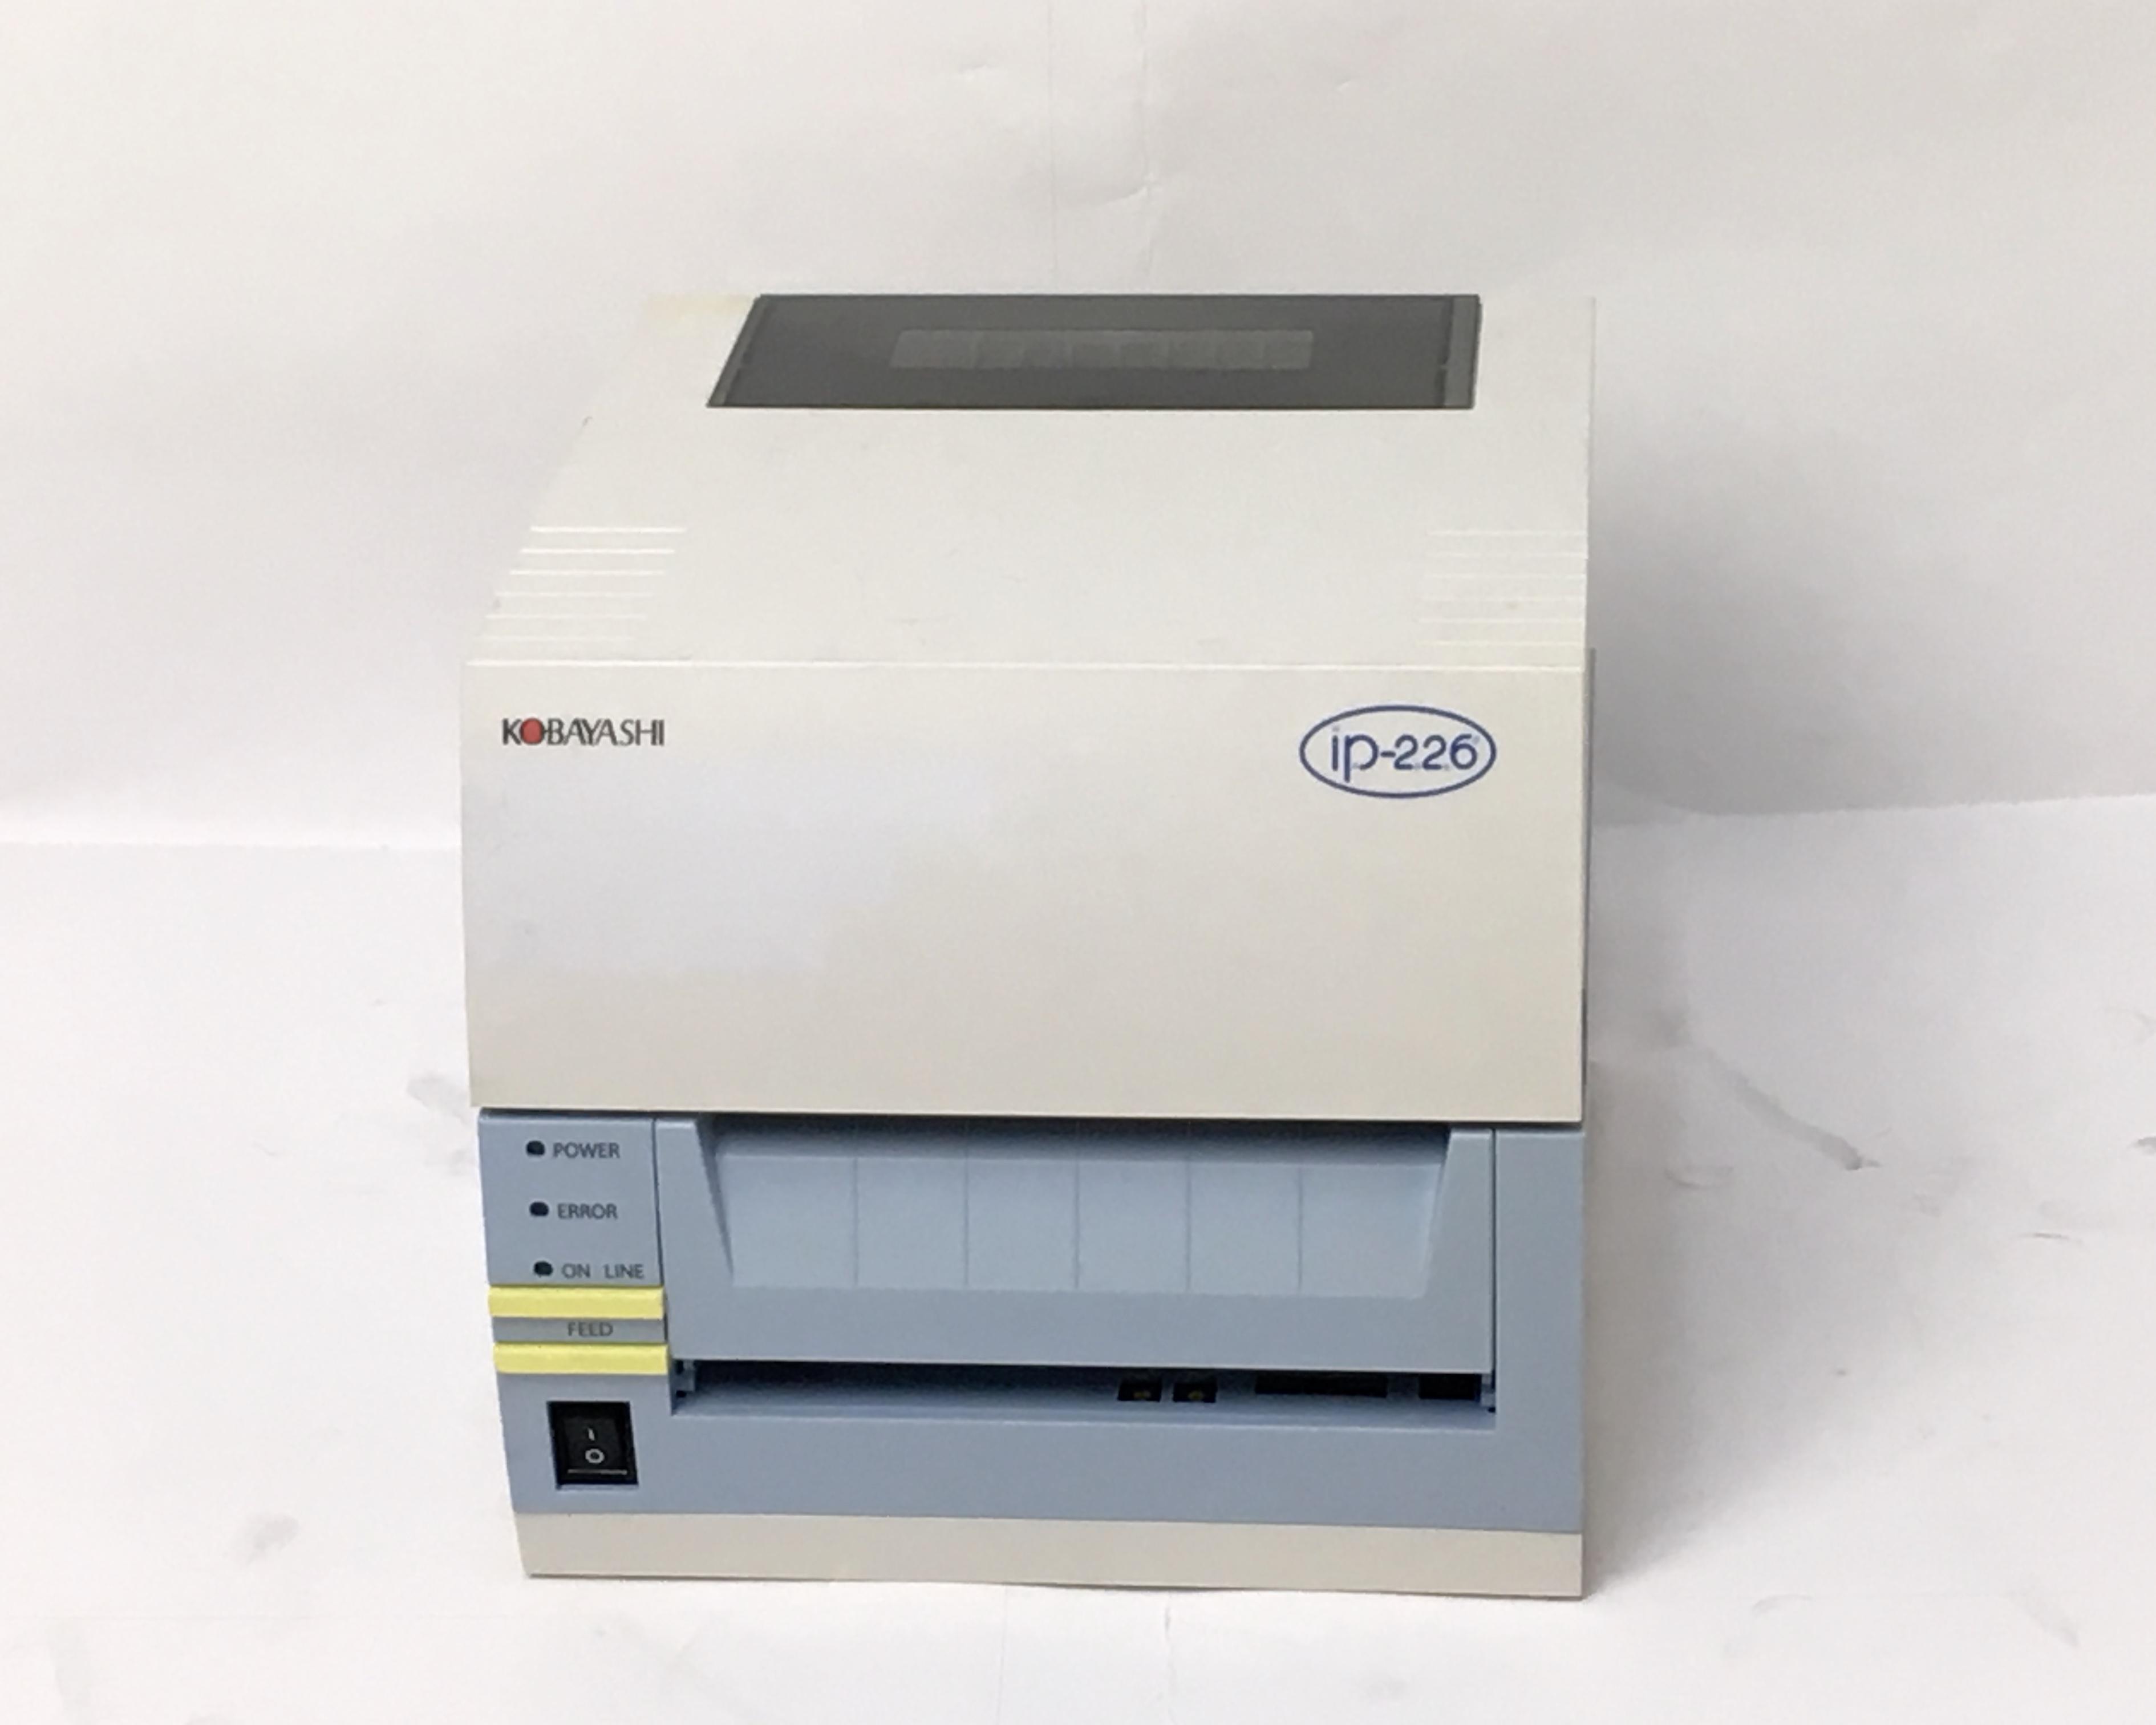 【お買得中古】KOBAYASHI IP-226 CT(USB/LAN/RS232C) メイン画像